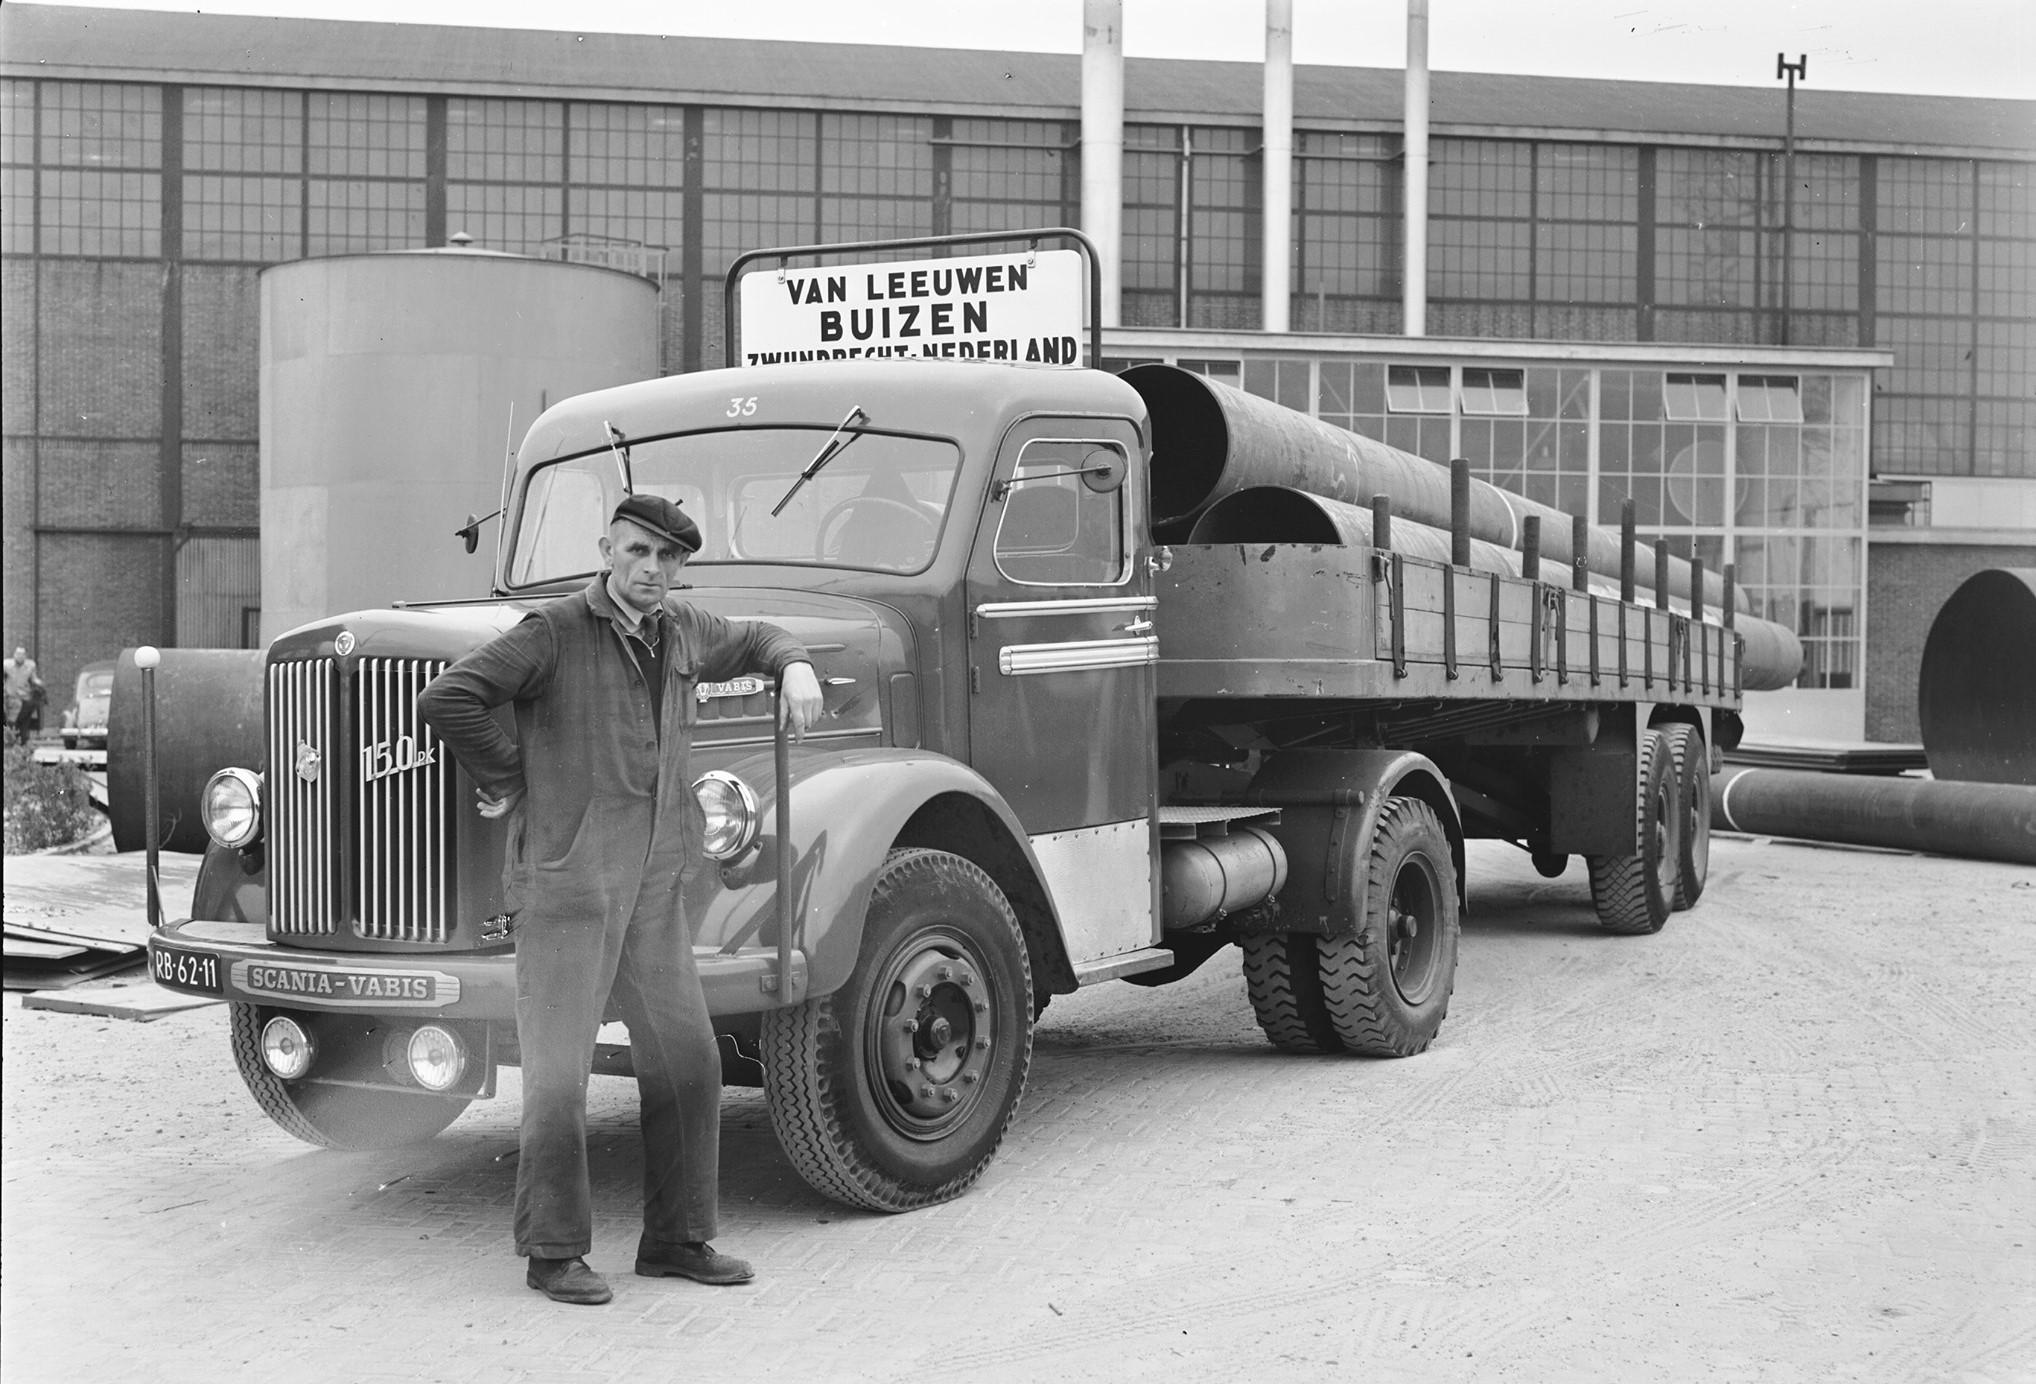 Scania-Vabis-150-PK-Paul-Weelde-cabine-opl--Daf-met-hydraulische-steunpoten-Chauffeur-Willem-den-Ouden